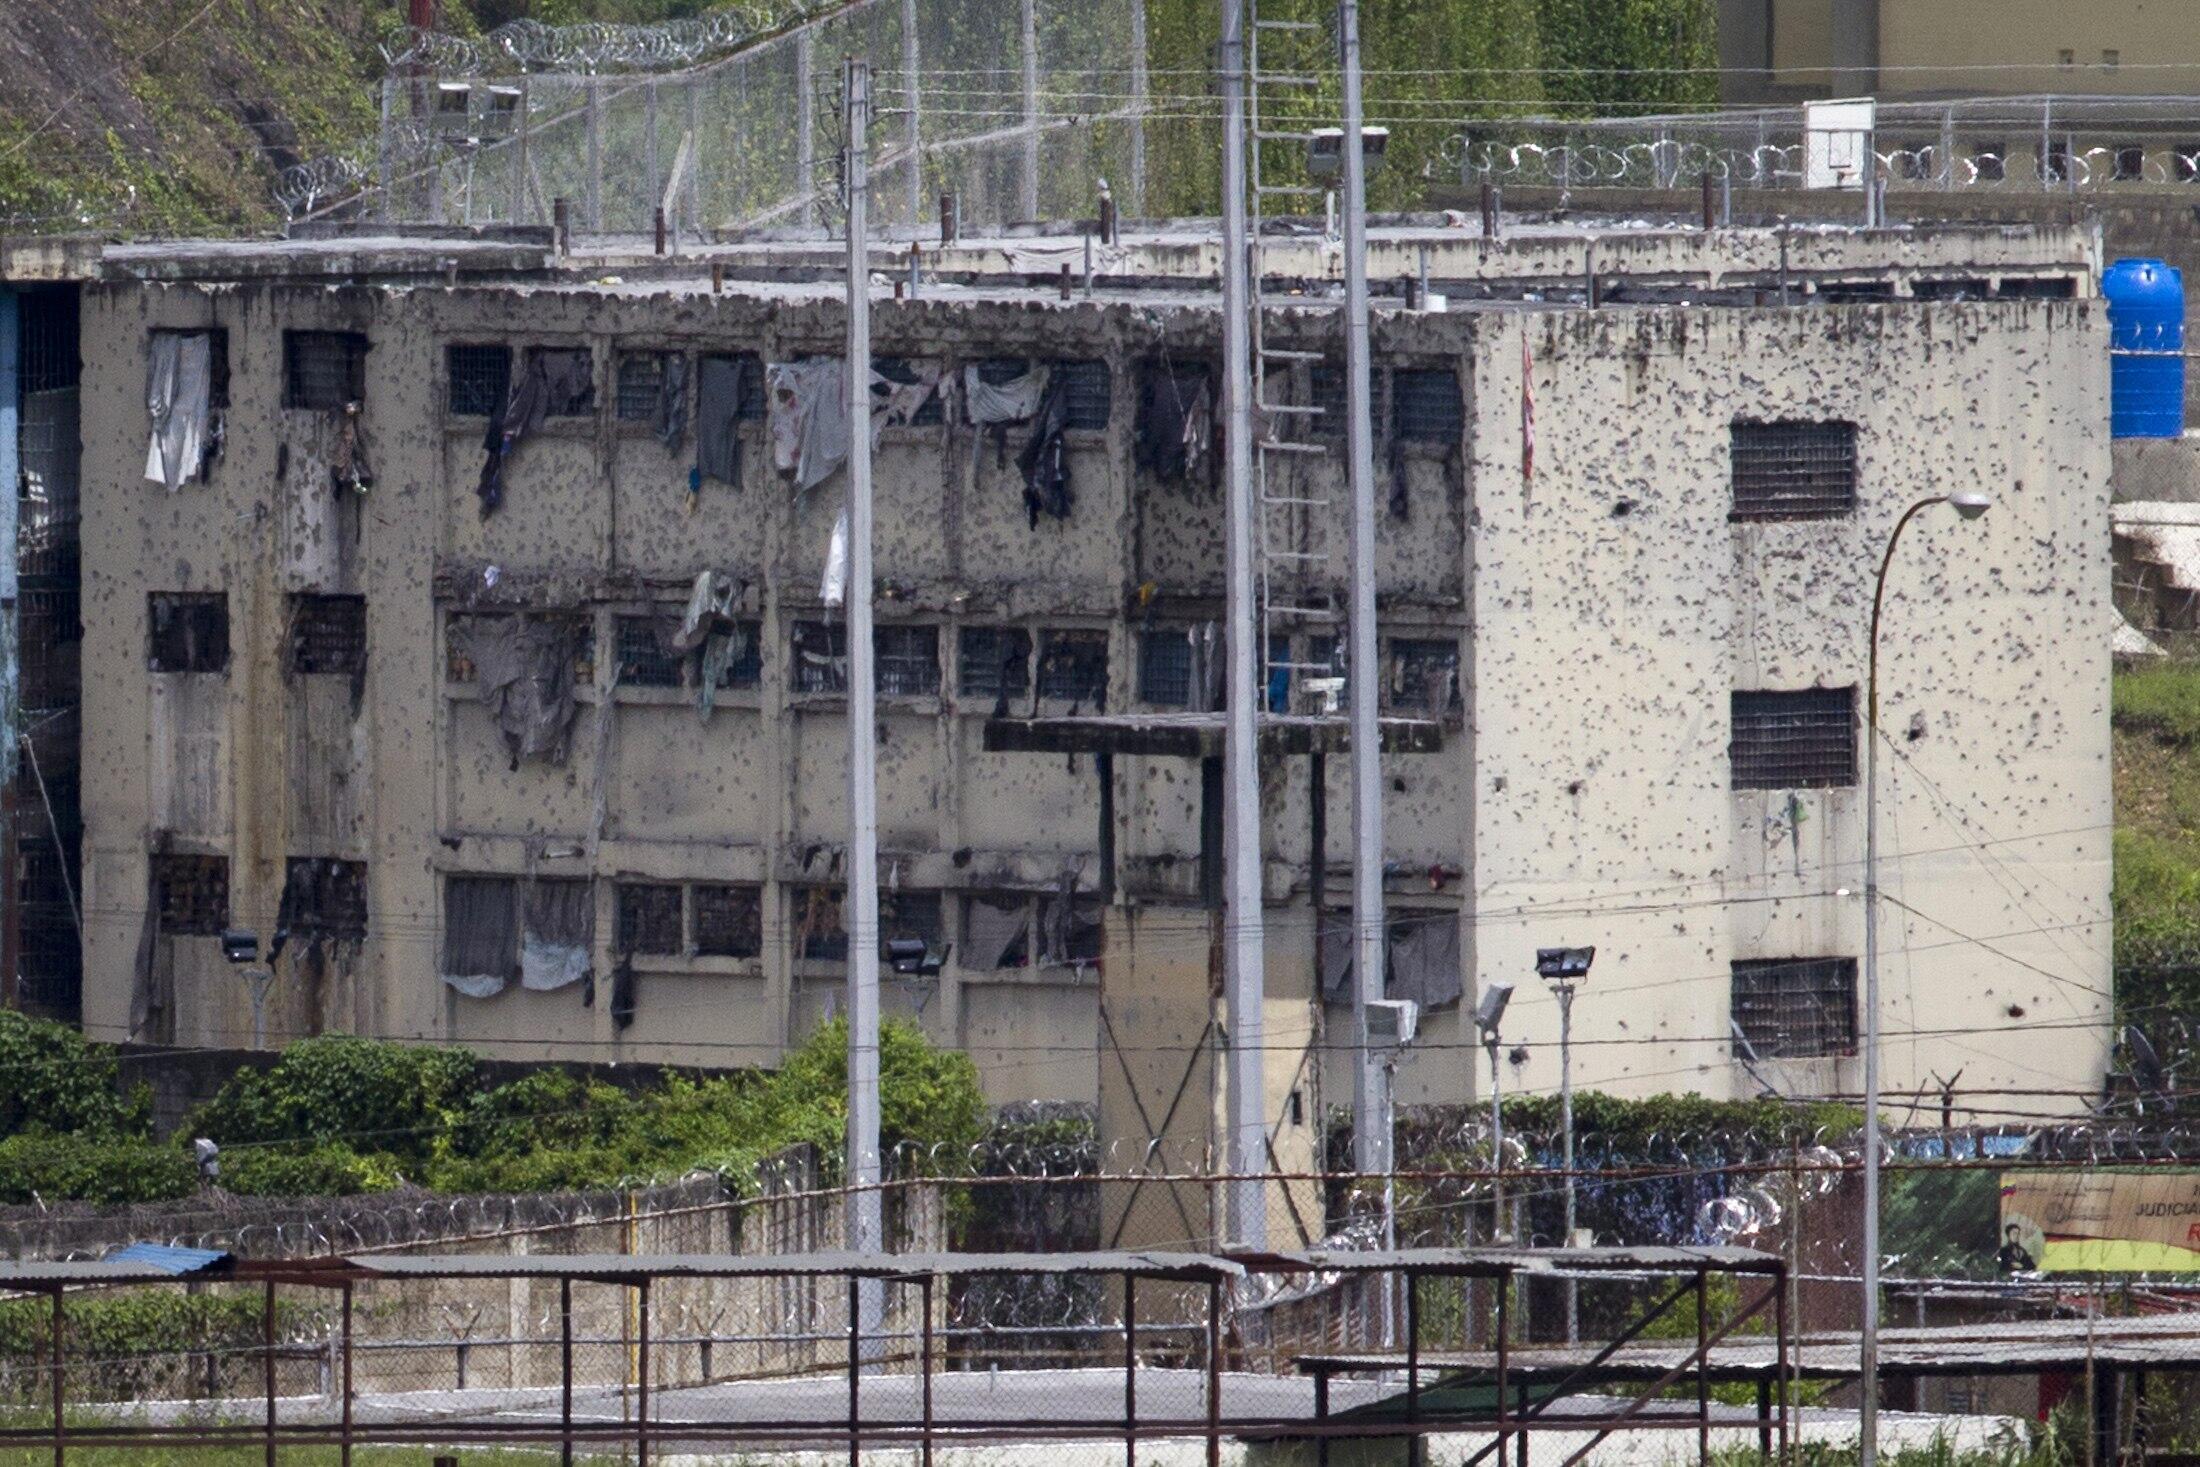 La cárcel de El Rodeo tras la intervención del Ejército, el 19 de junio de 2011.